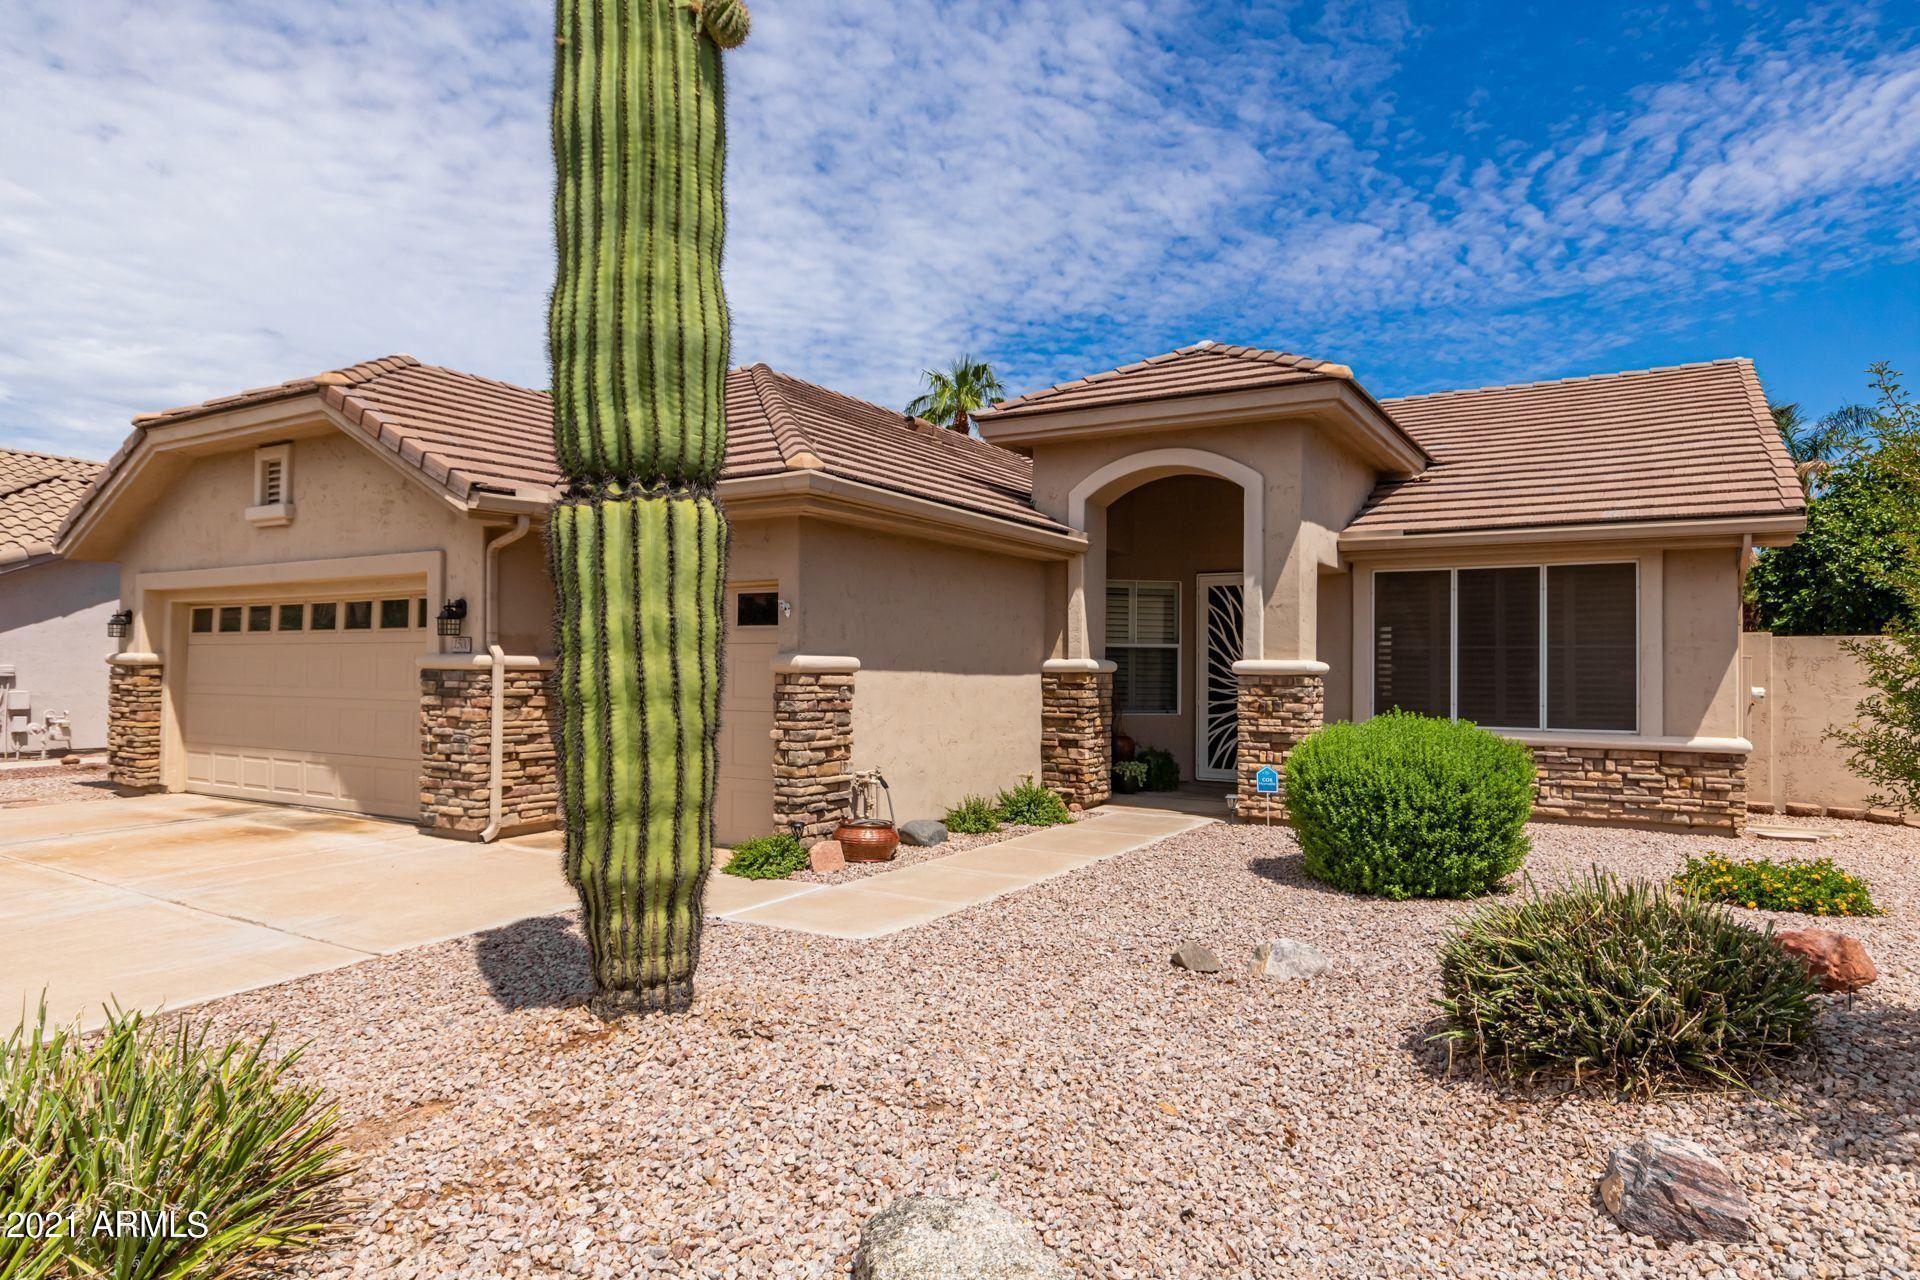 Photo of 1500 E Laredo Street, Chandler, AZ 85225 (MLS # 6272262)